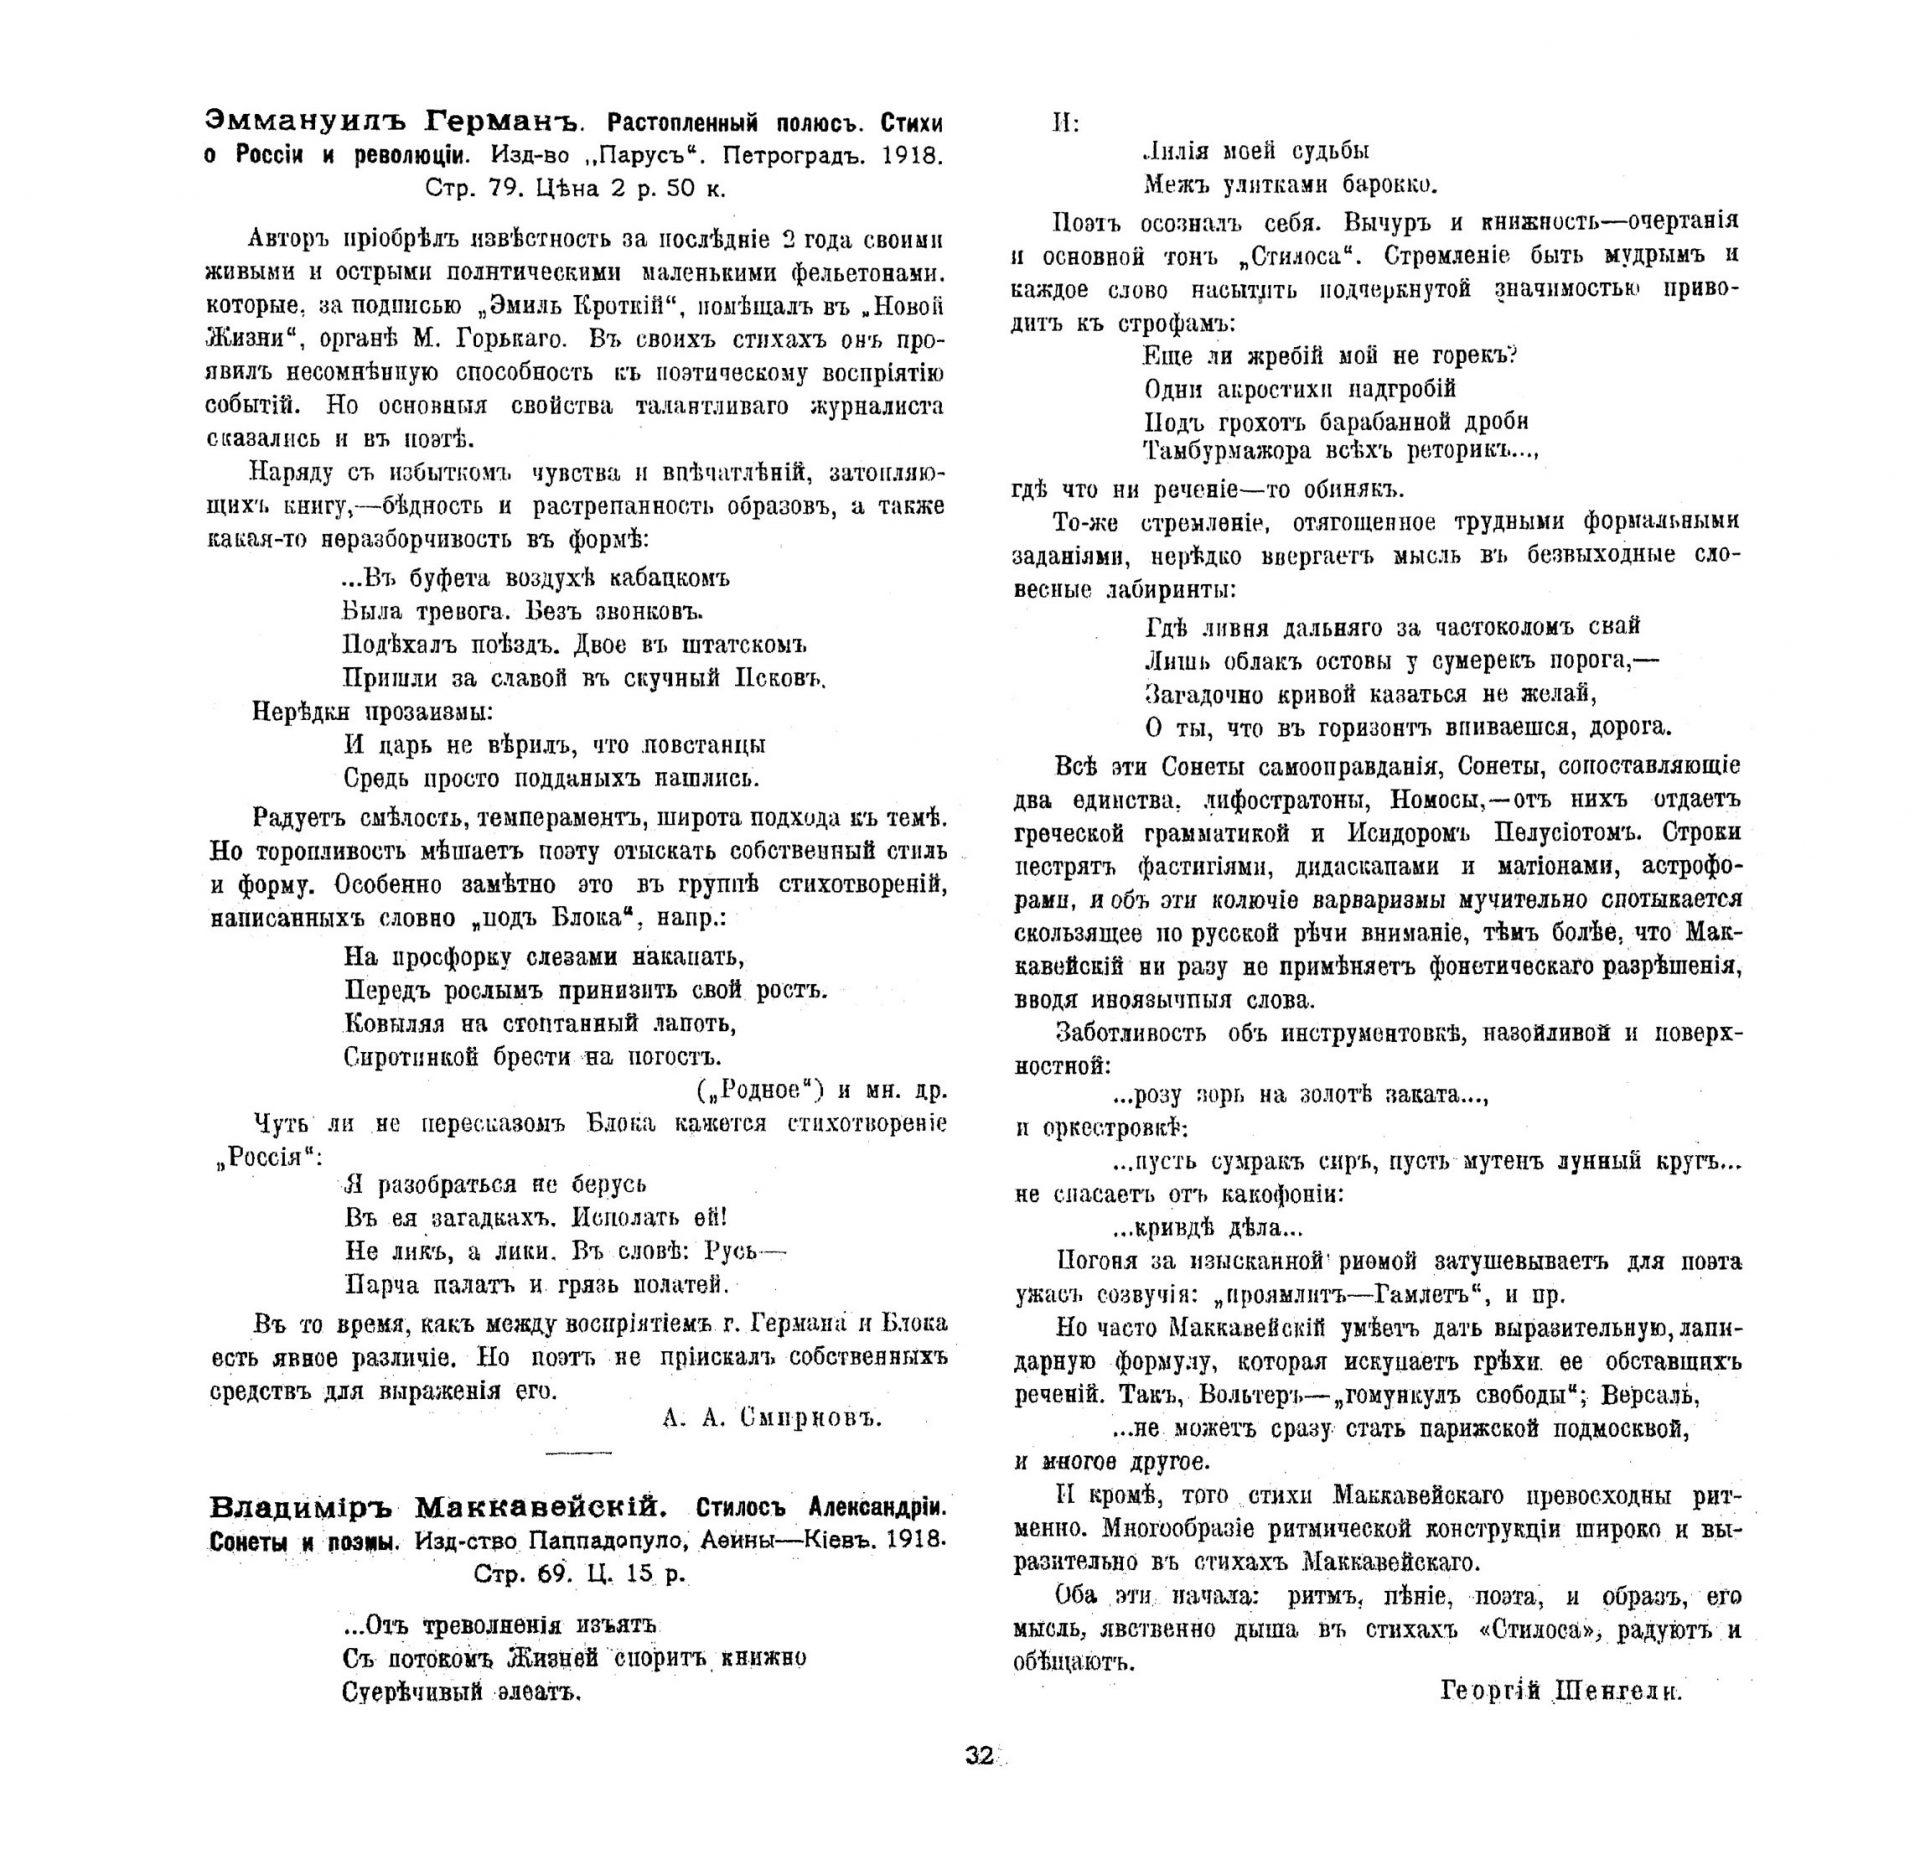 Творчество_1919_№2